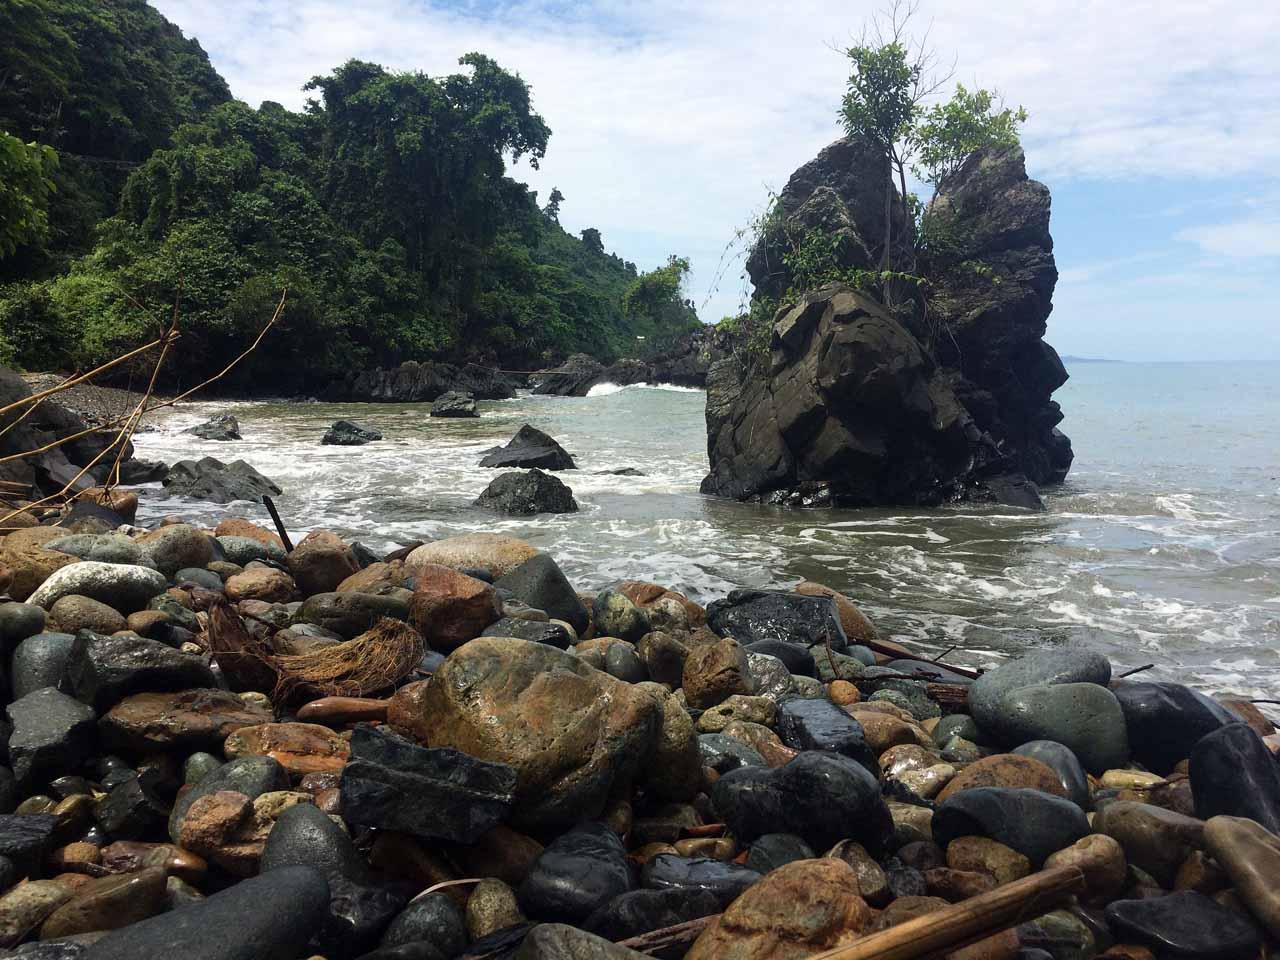 Pantai Karang Bolong Tanggamus - iphone 5s - Yopie Pangkey - 5